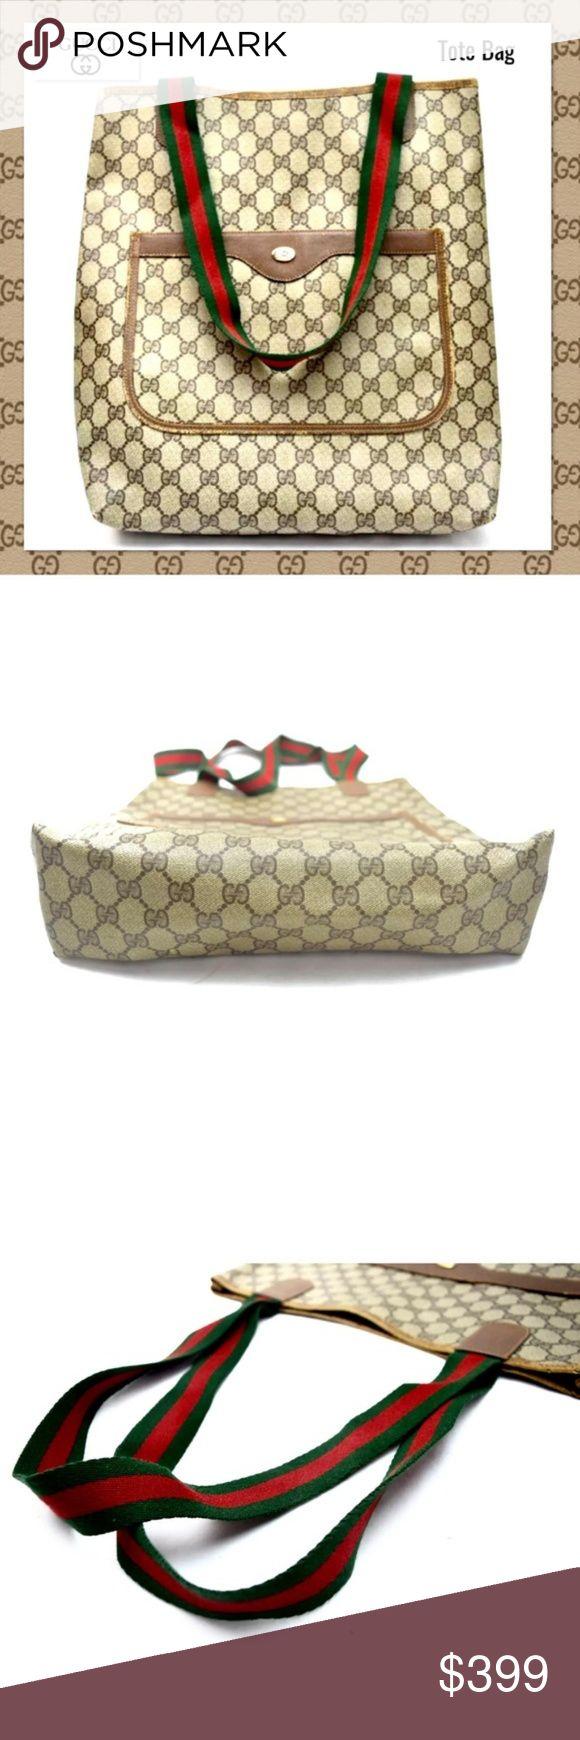 Gucci Tasche Sherry PVC Handtasche Umhängetasche Breite (Zoll): 12,9 Zoll Höhe (…